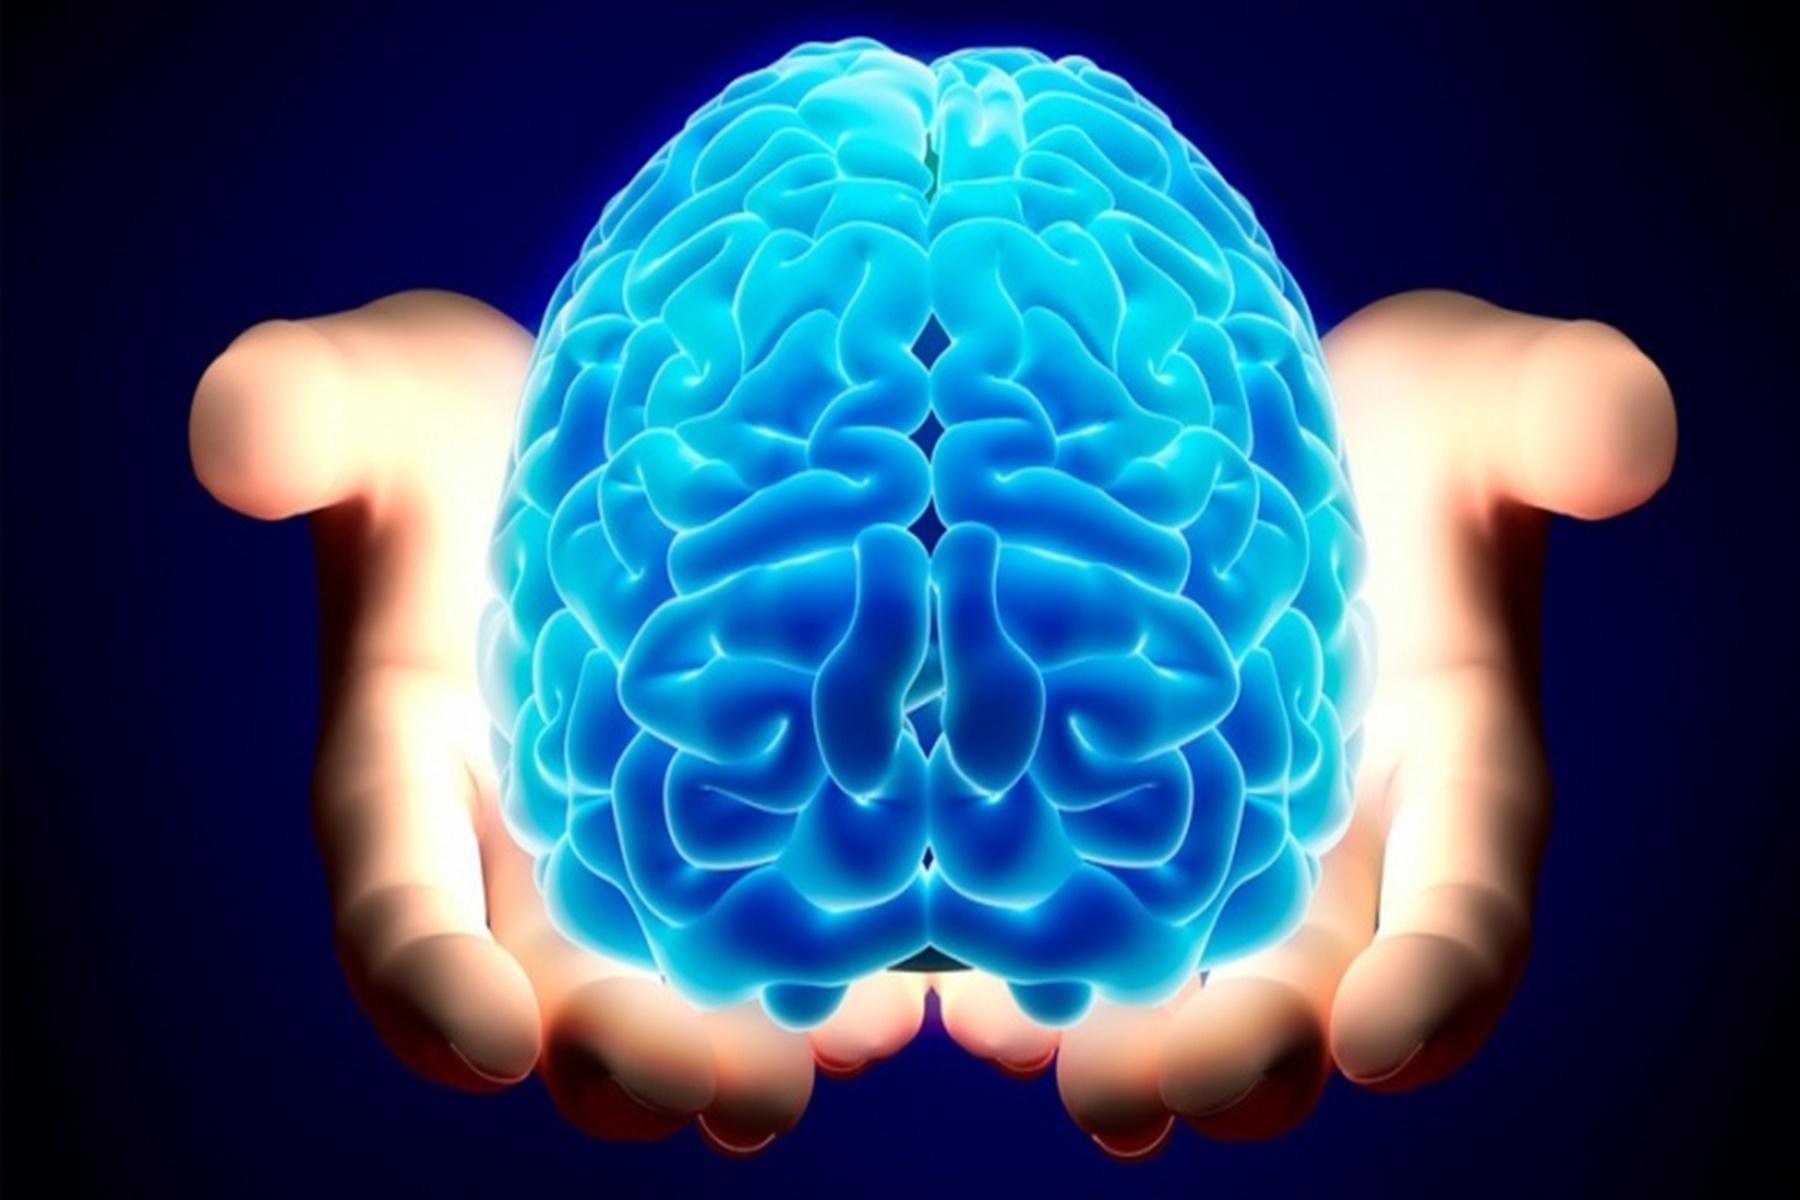 Τηλεόραση : Επηρεάζει την υγεία του εγκεφάλου